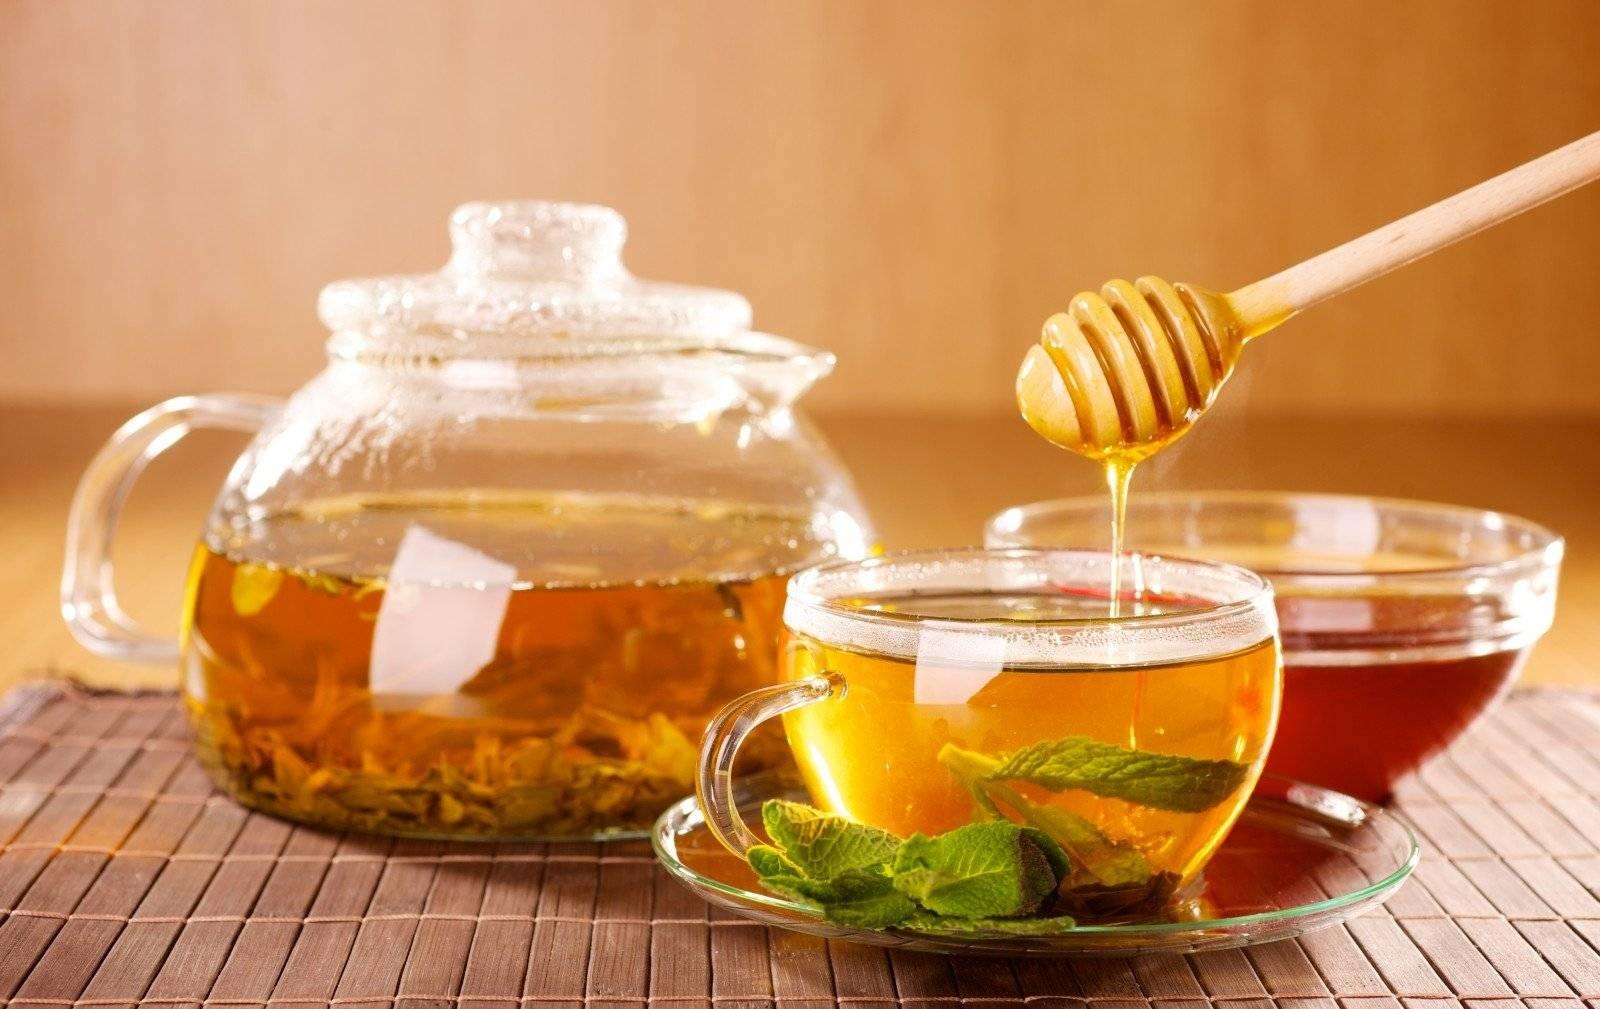 Мед при гастрите: можно или нет? | компетентно о здоровье на ilive